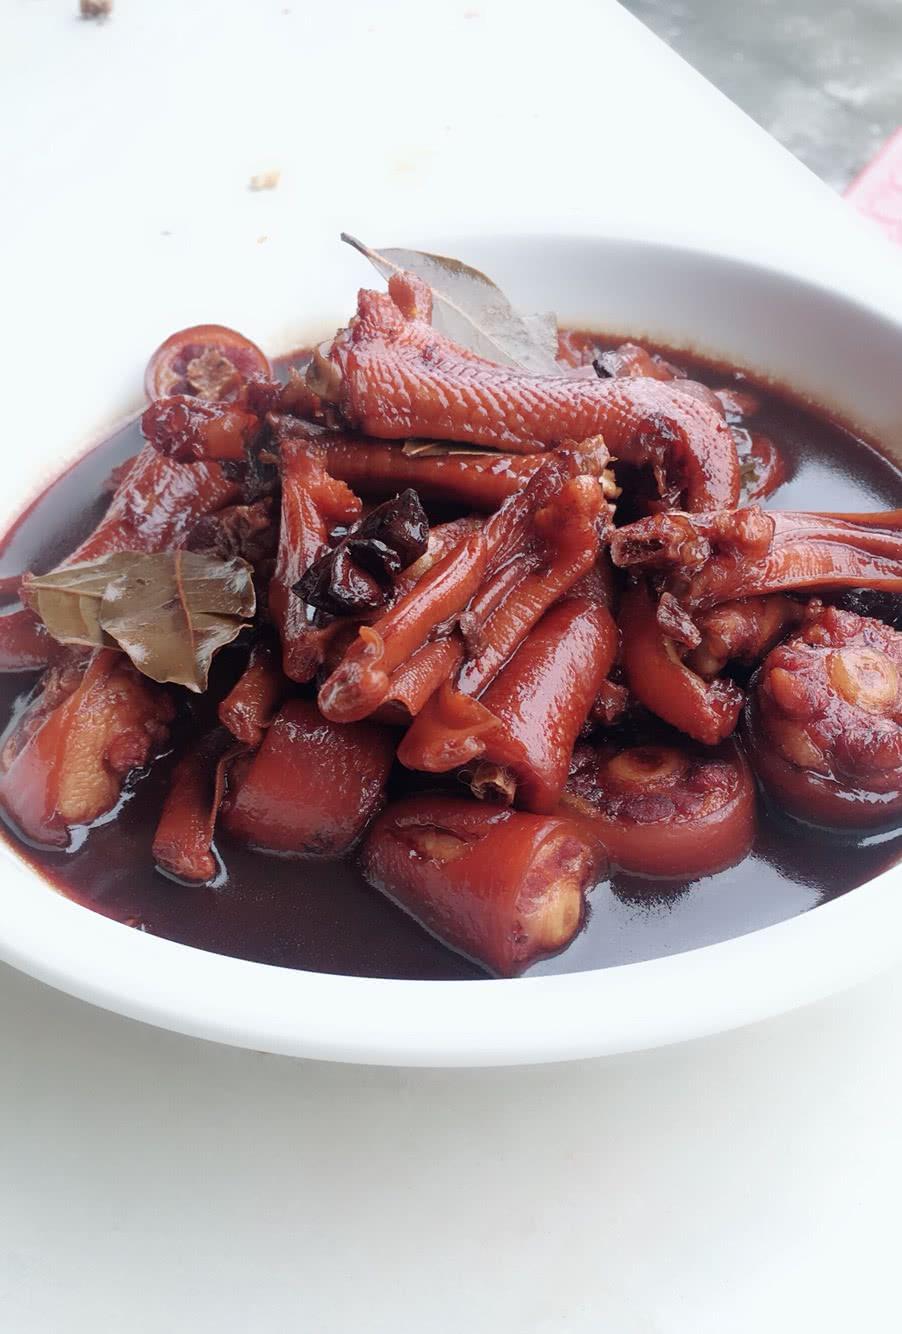 猪韭菜鸭脚煲的螃蟹_年糕_豆果美食尾巴炒菜谱加做法图片